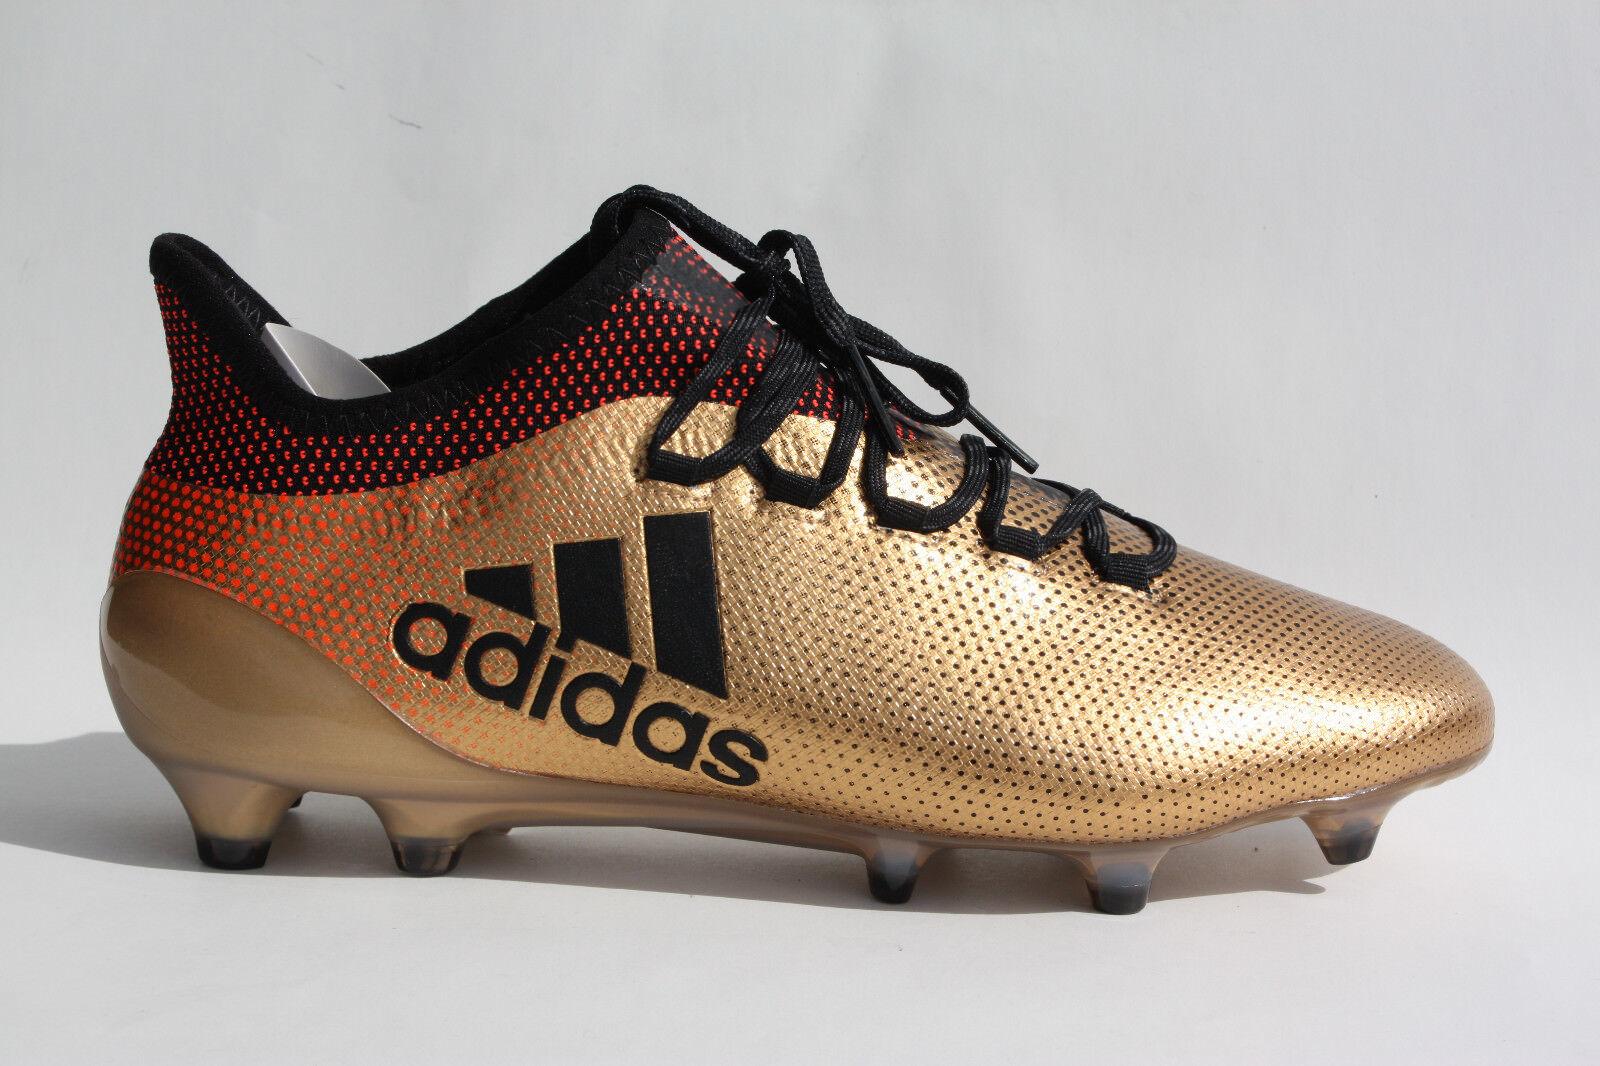 Adidas X 17.1 FG BB6353 Gold - Retail   200.00 HOT SALE   140.00